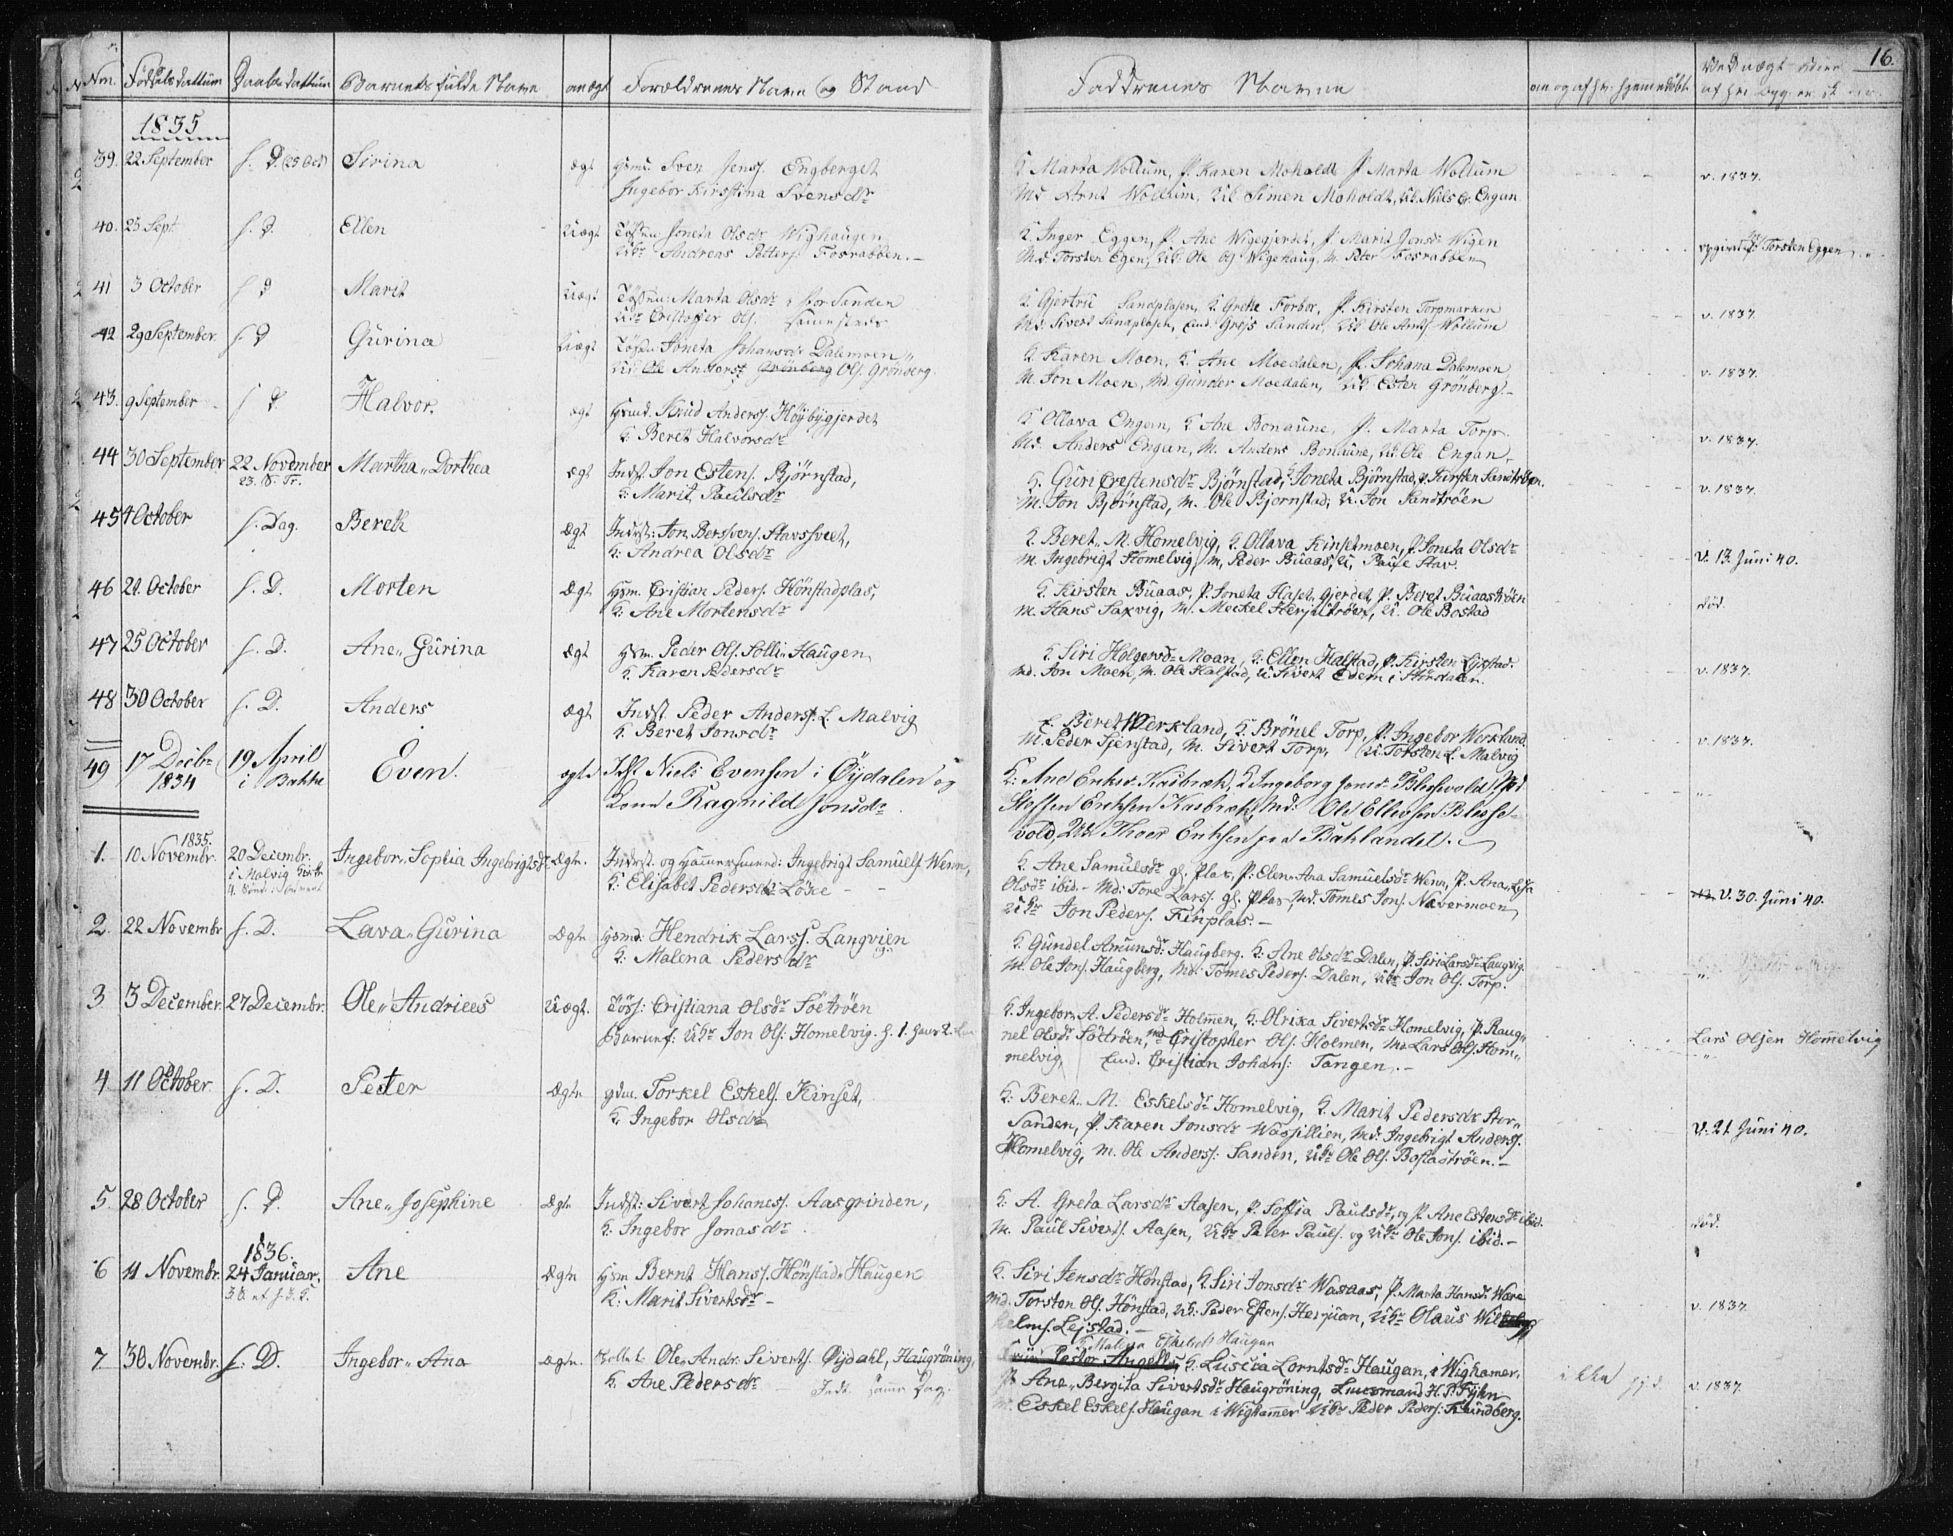 SAT, Ministerialprotokoller, klokkerbøker og fødselsregistre - Sør-Trøndelag, 616/L0405: Ministerialbok nr. 616A02, 1831-1842, s. 16